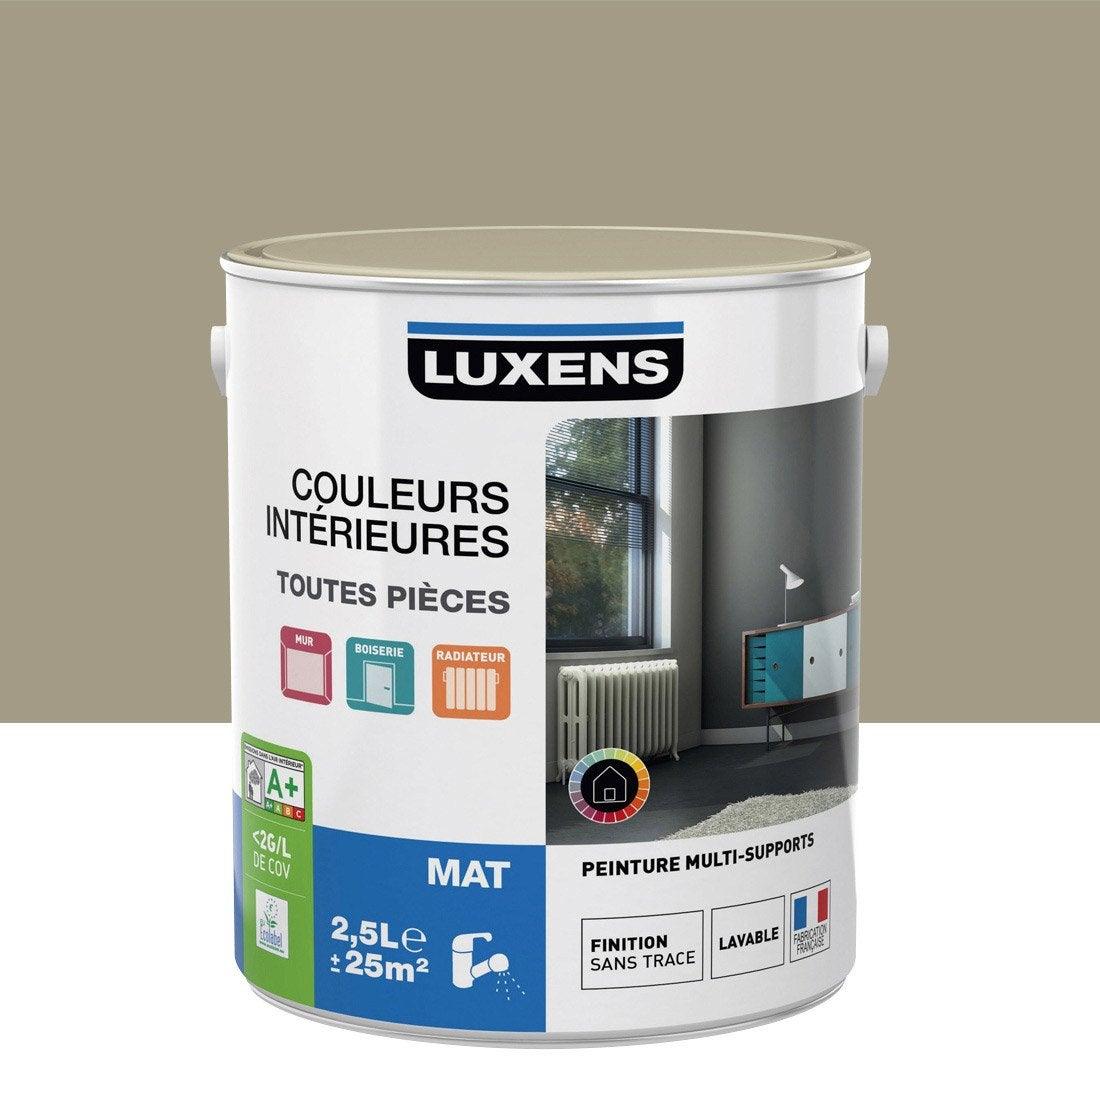 Peinture gris dor 5 luxens couleurs int rieures mat 2 5 l - Peinture grise leroy merlin ...